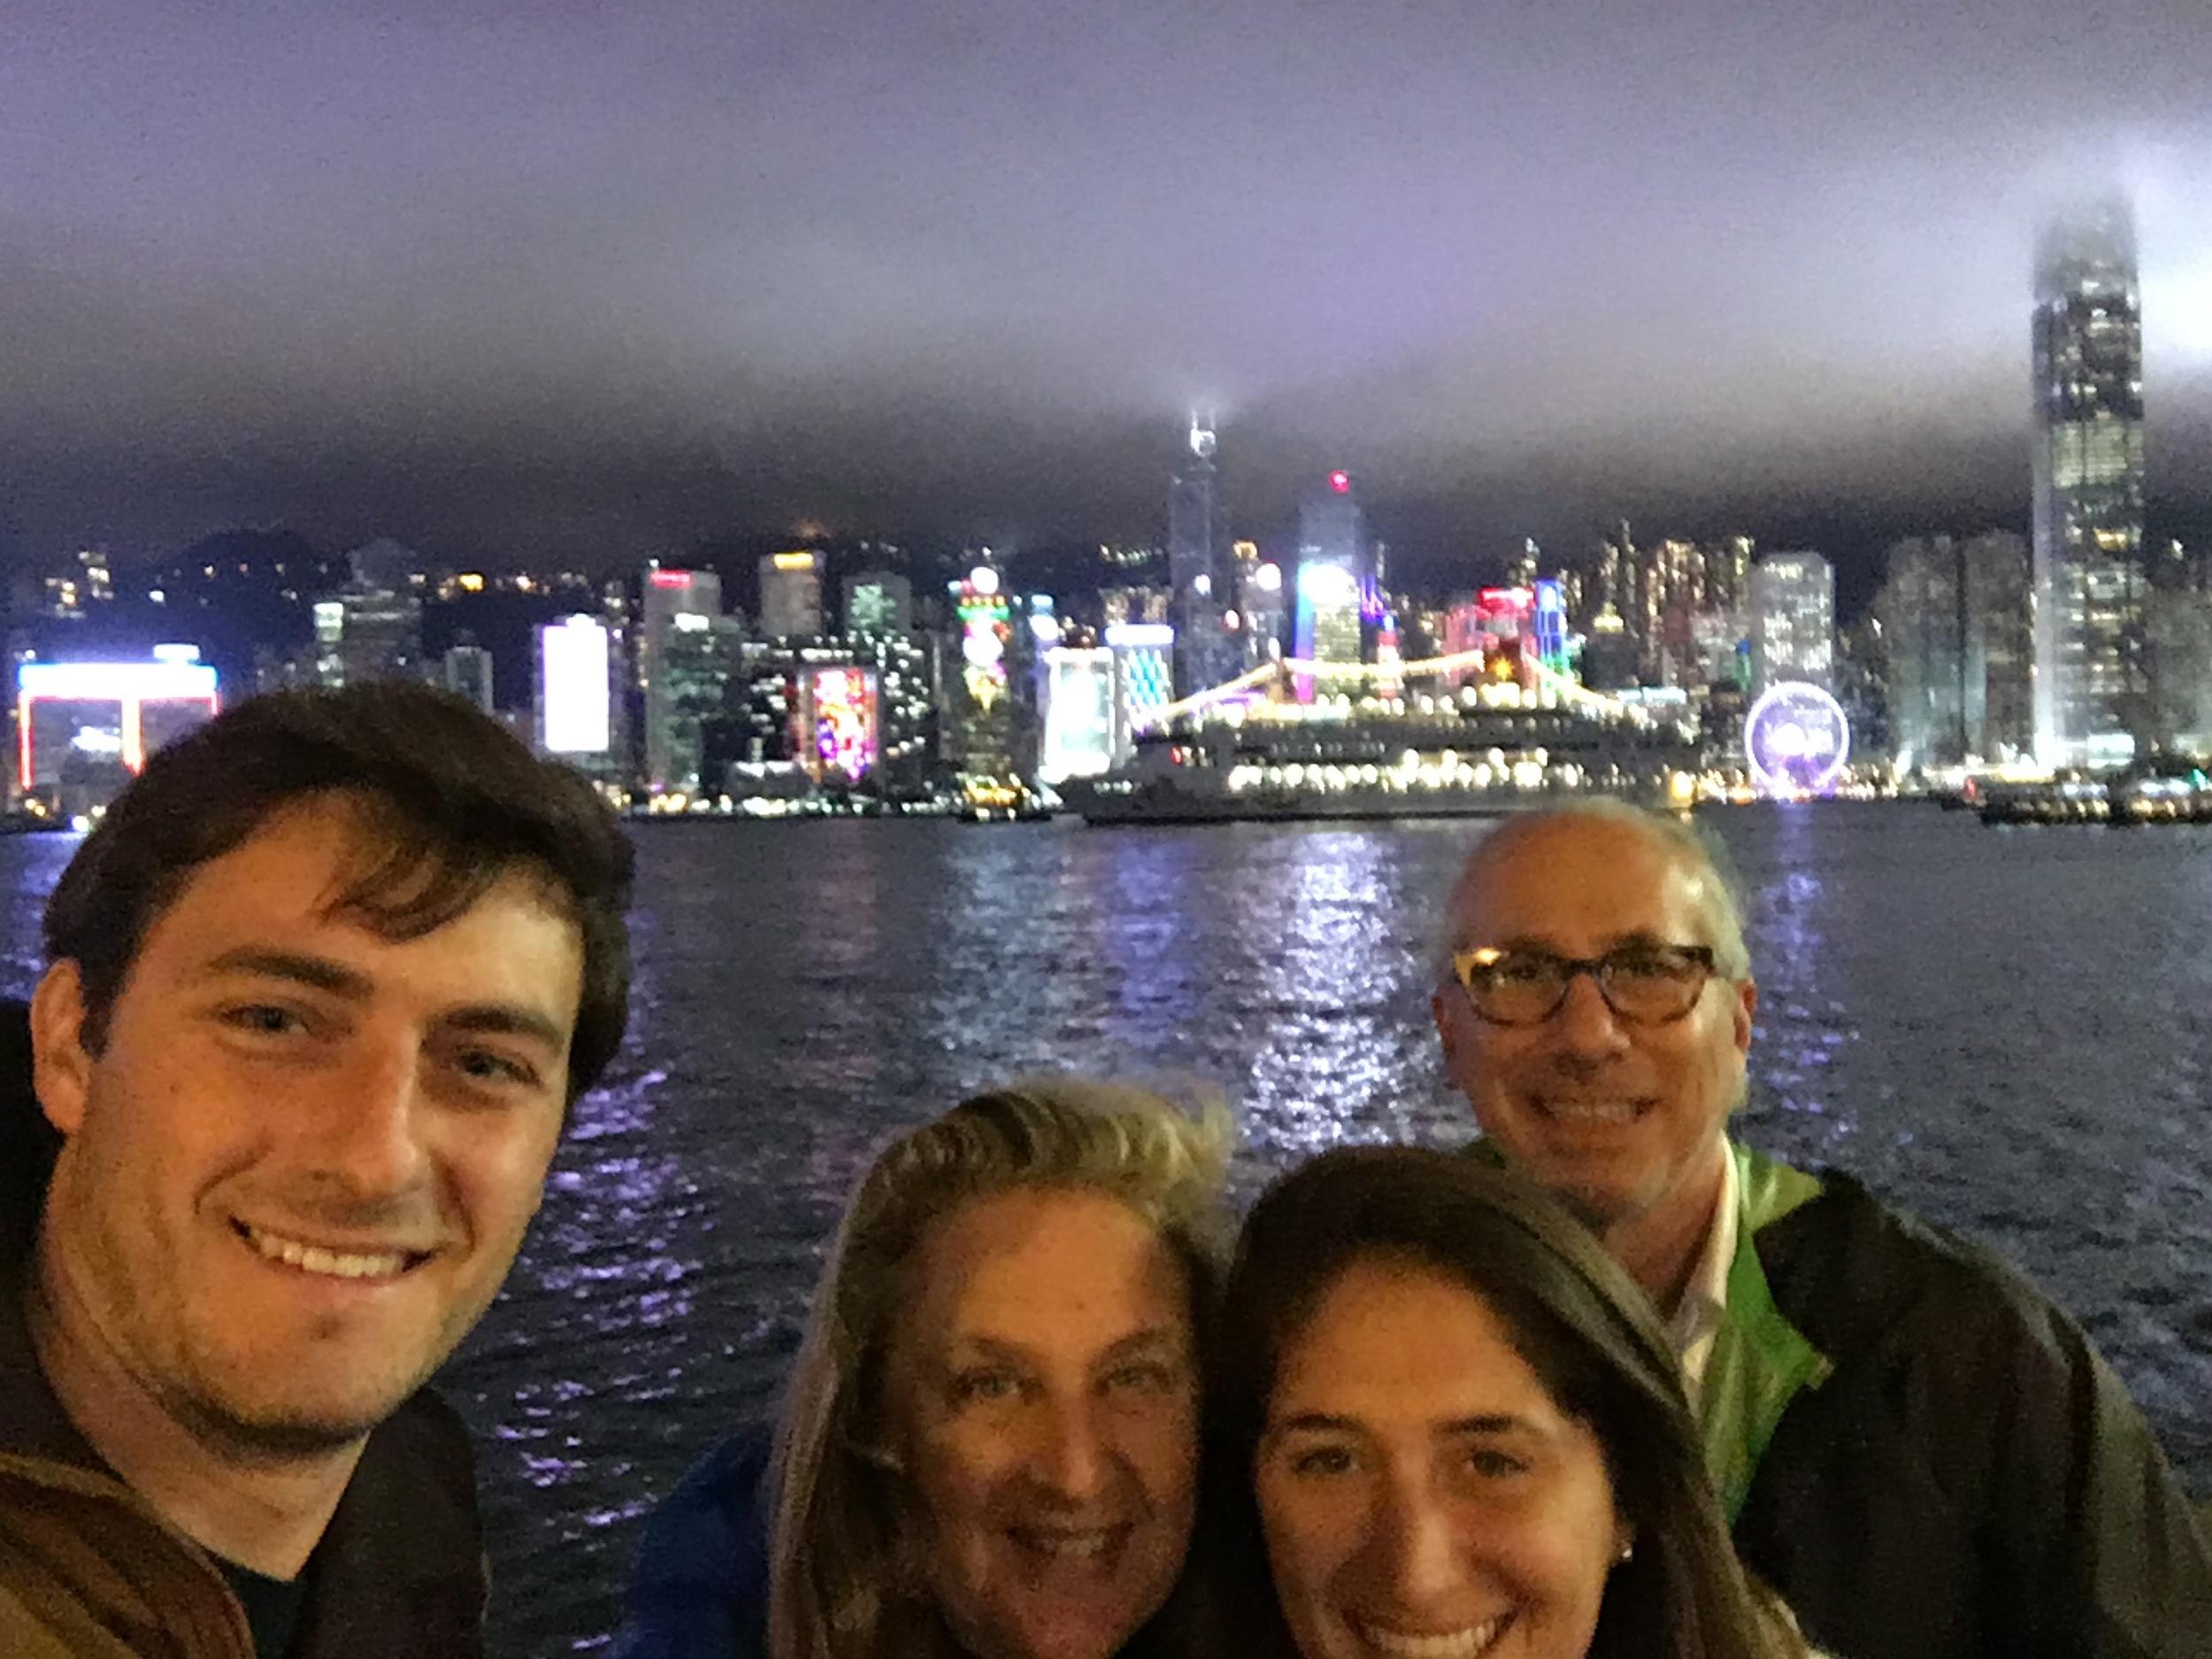 Family skyline selfie